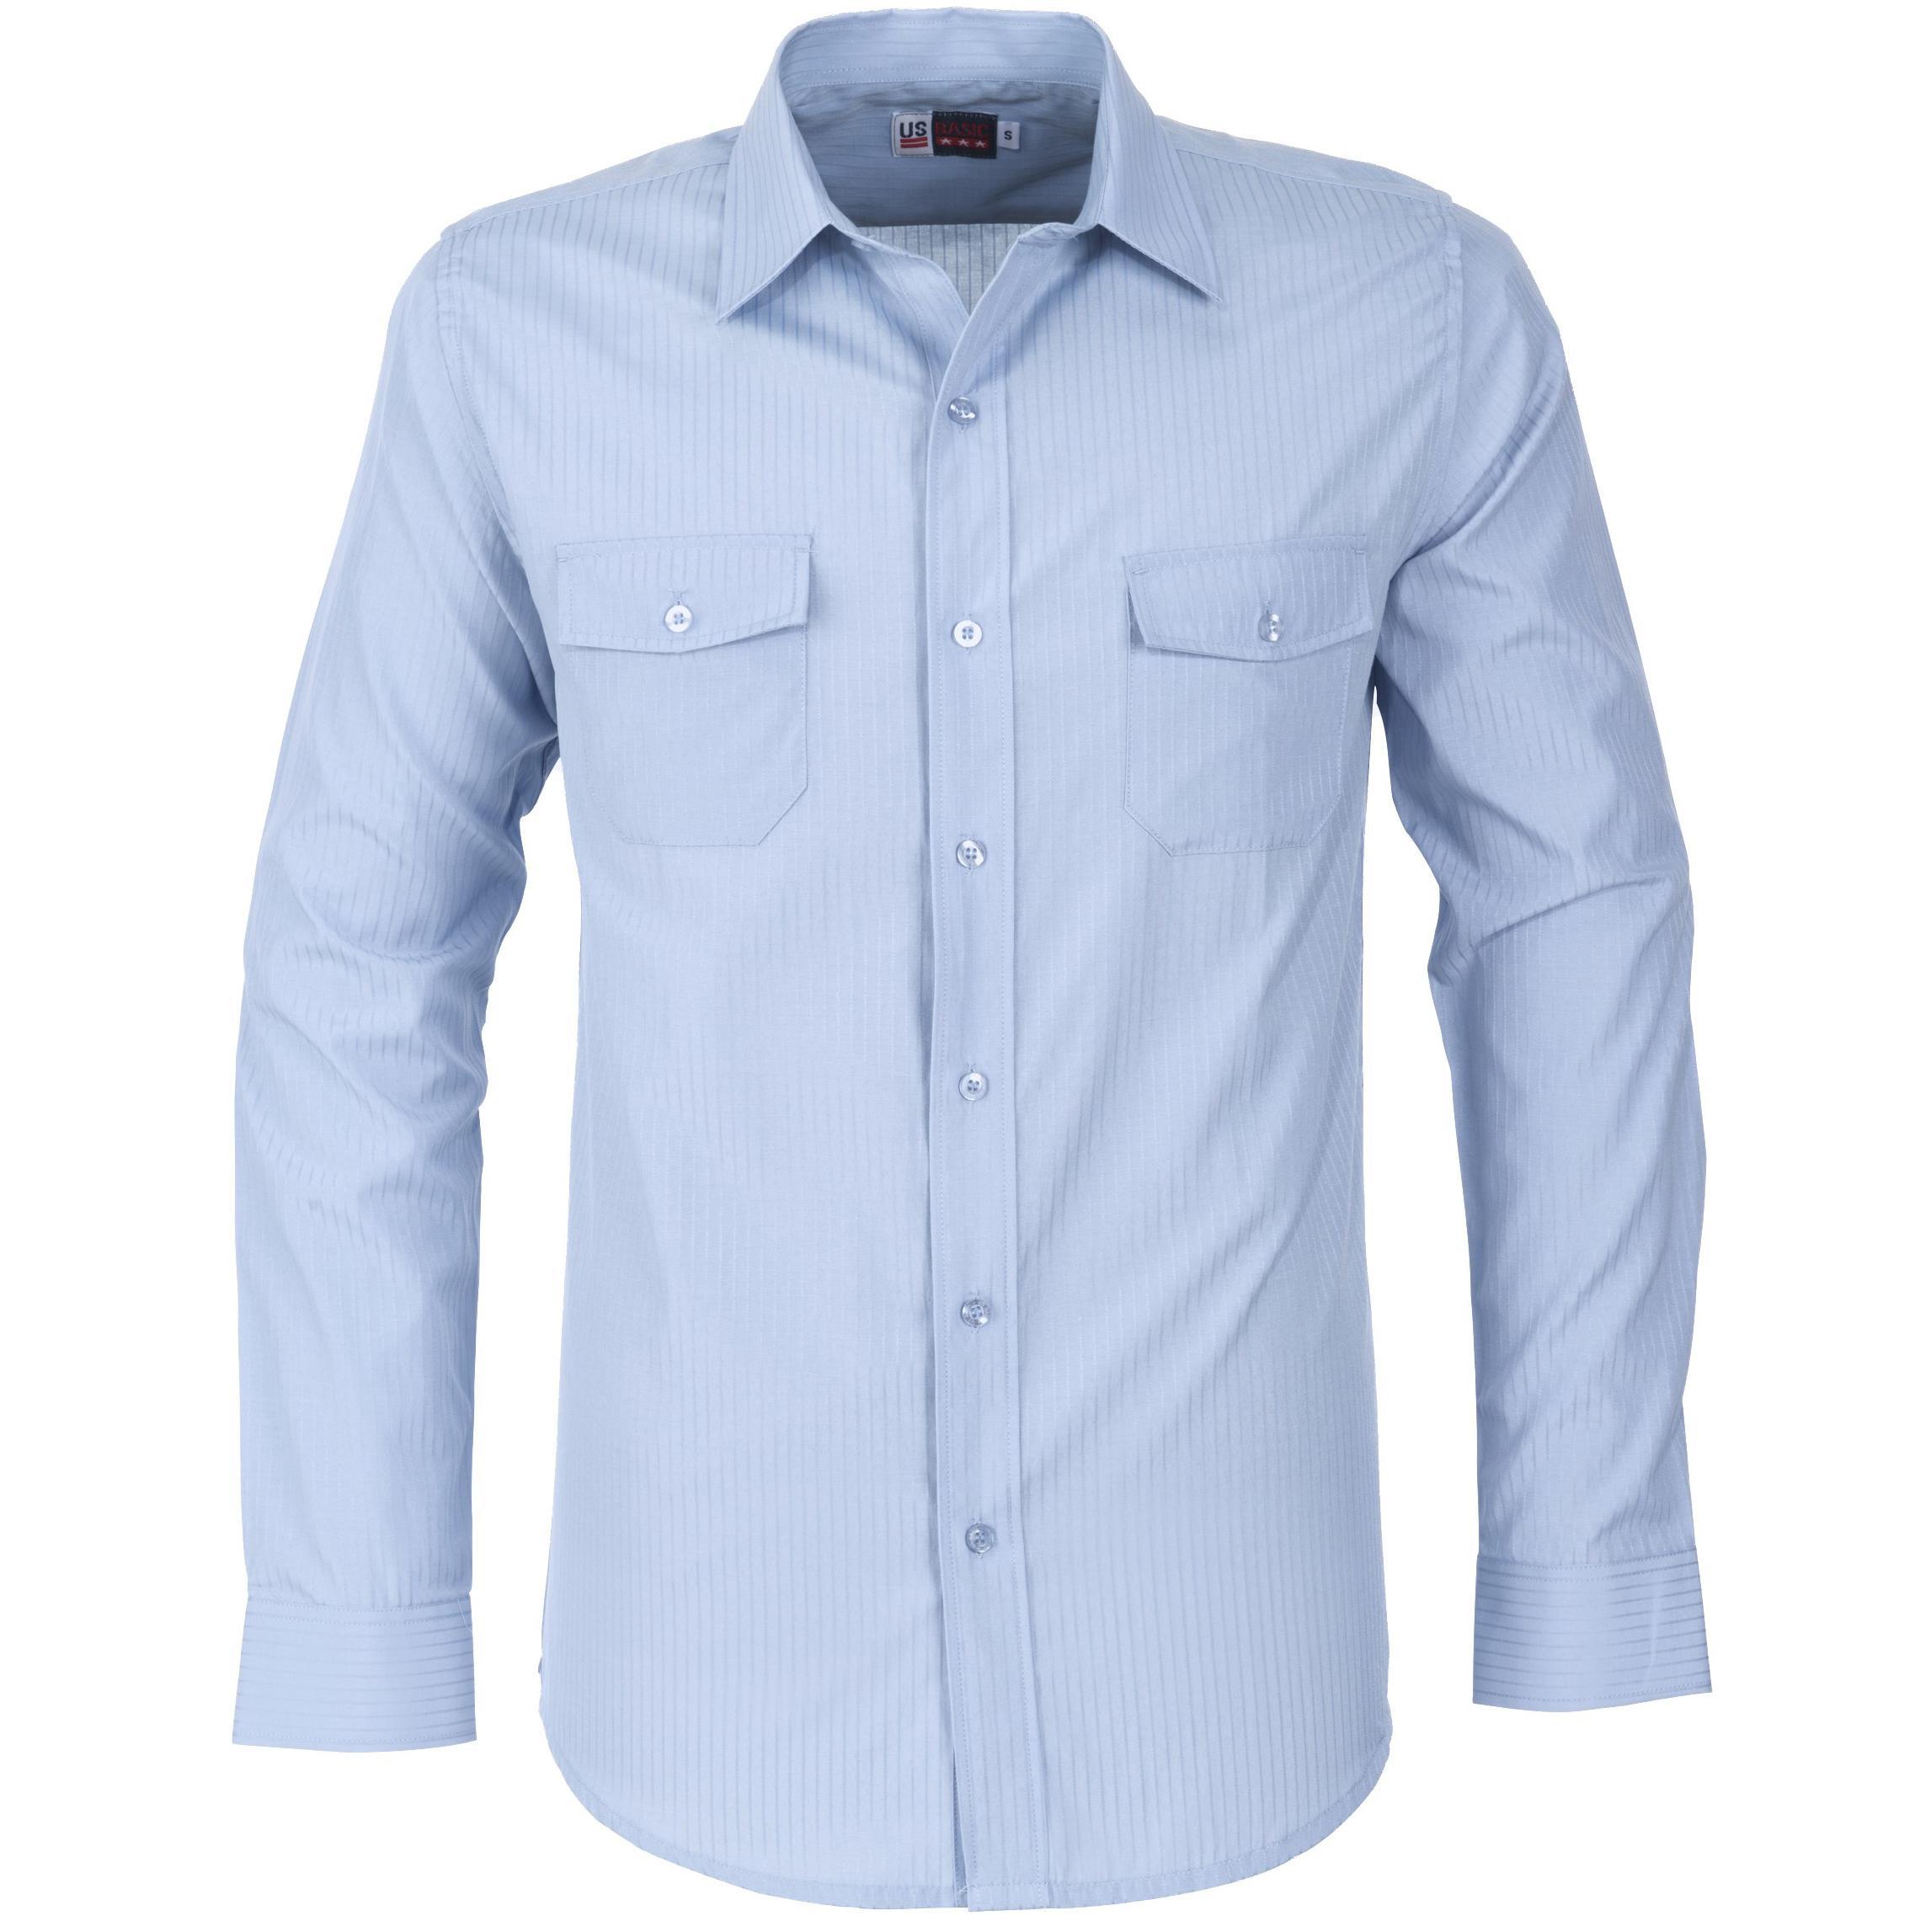 Mens Long Sleeve Bayport Shirt - Light Blue Only